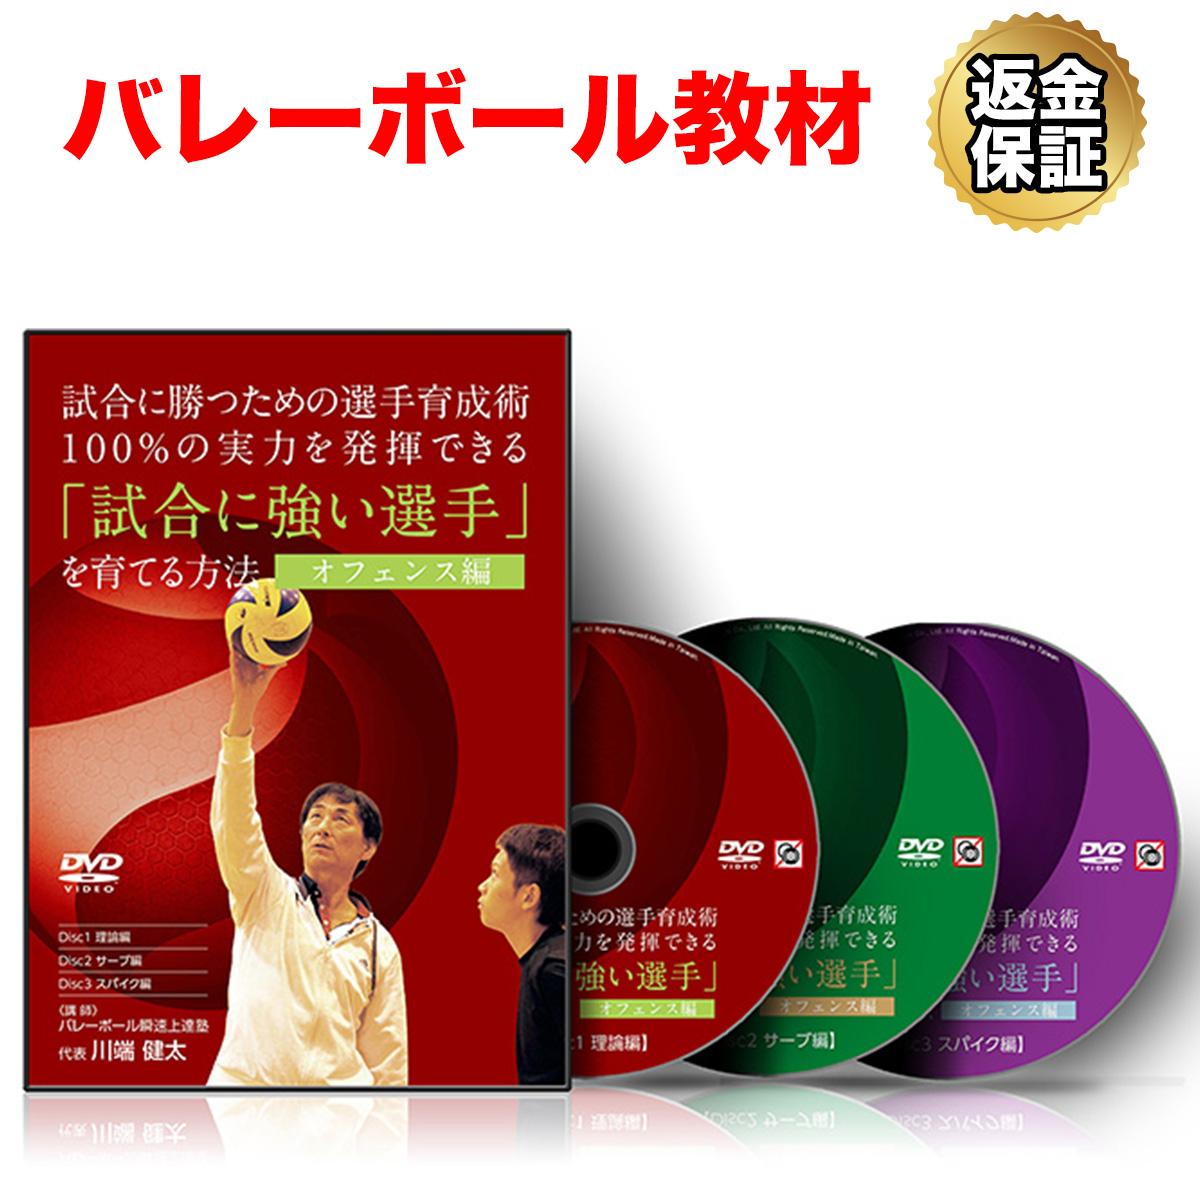 バレーボール 教材 DVD 試合に勝つための選手育成術 100%の実力を発揮できる「試合に強い選手」を育てる方法 ~オフェンス編~